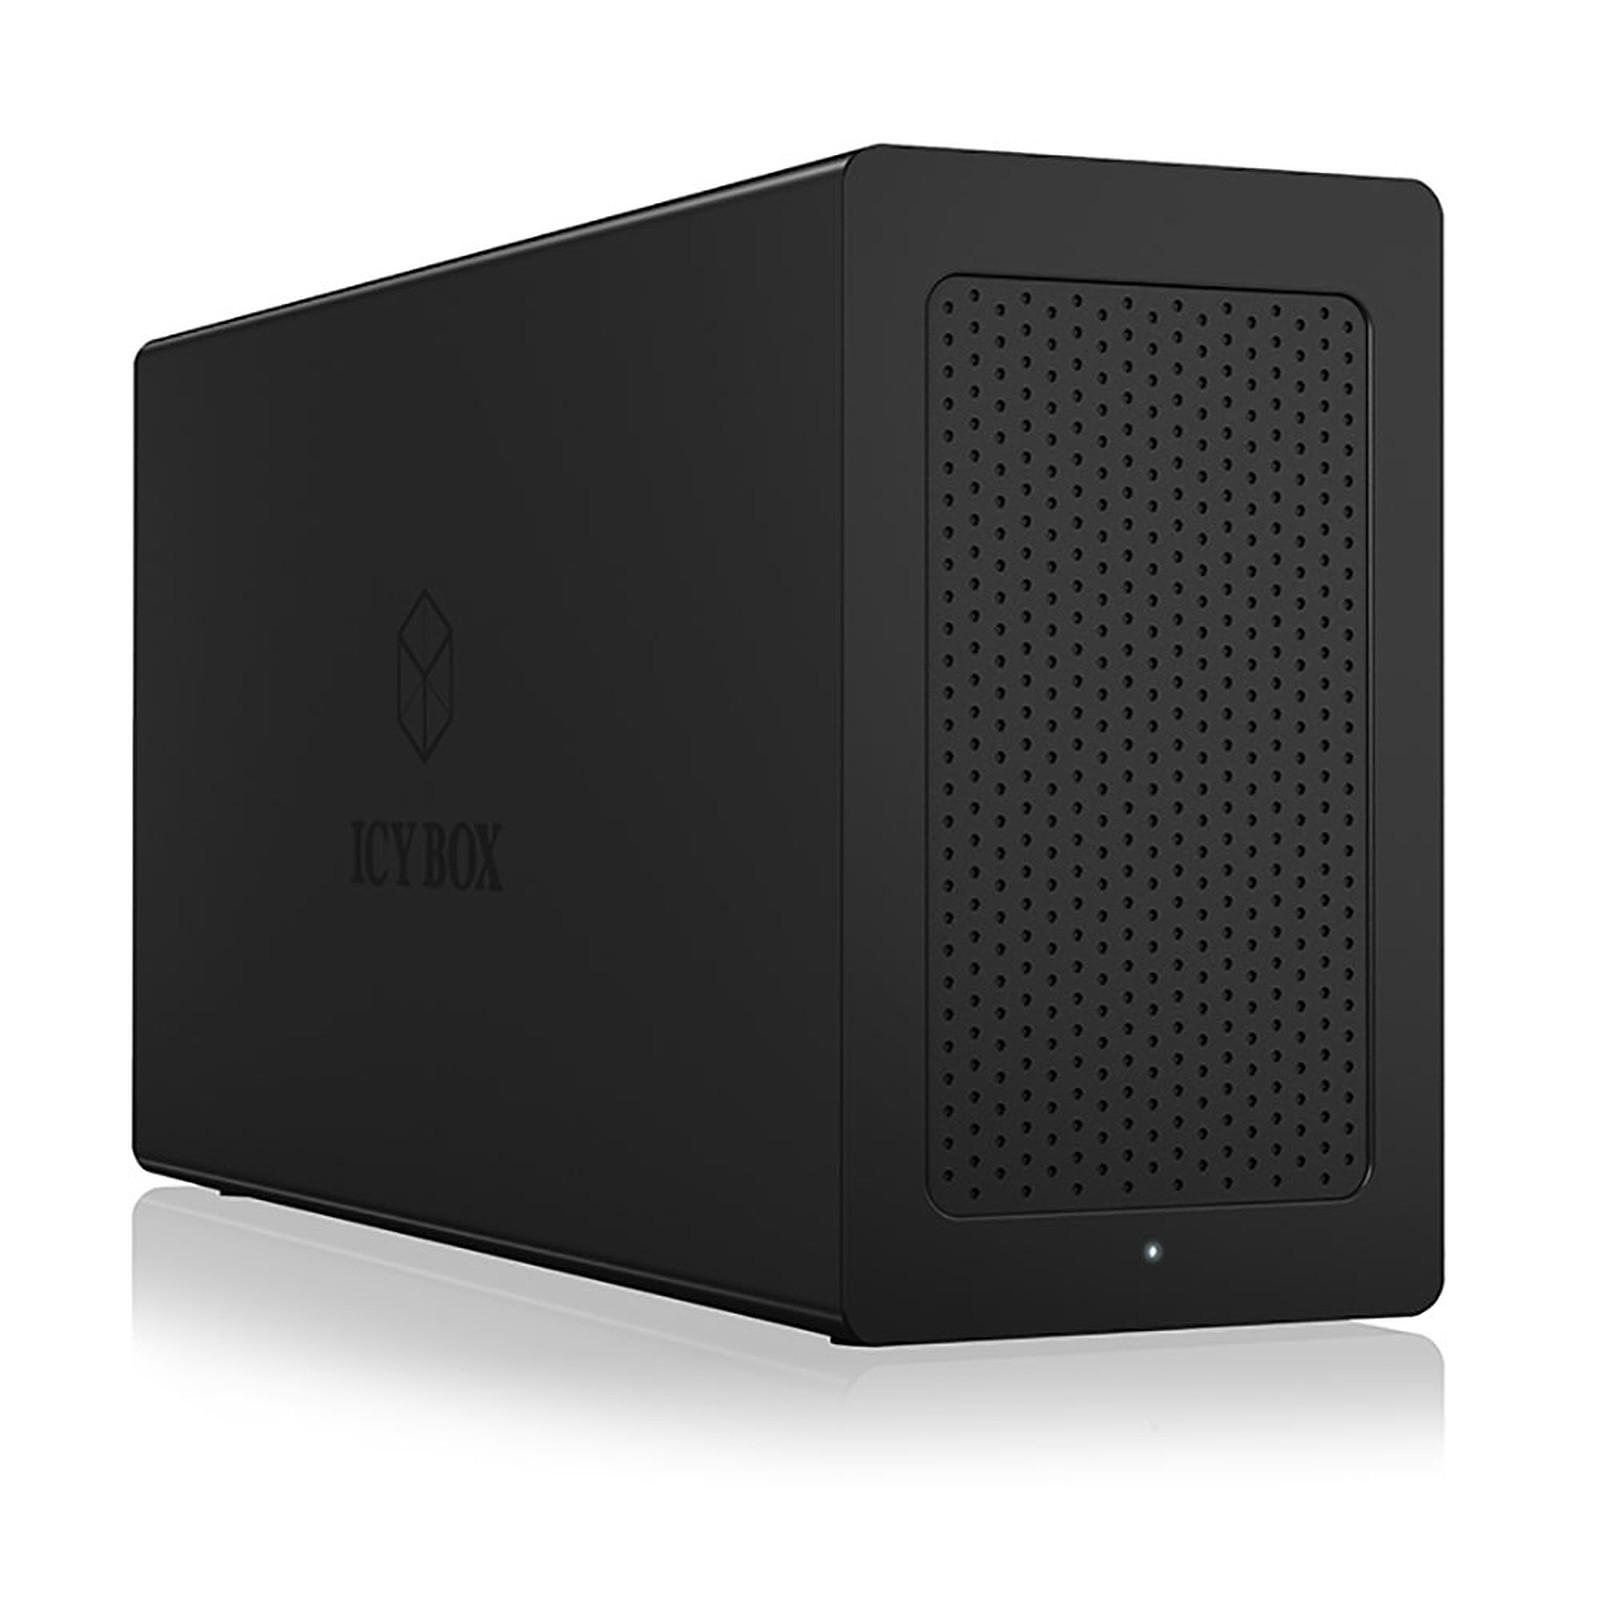 ICY BOX IB-3101-TB3